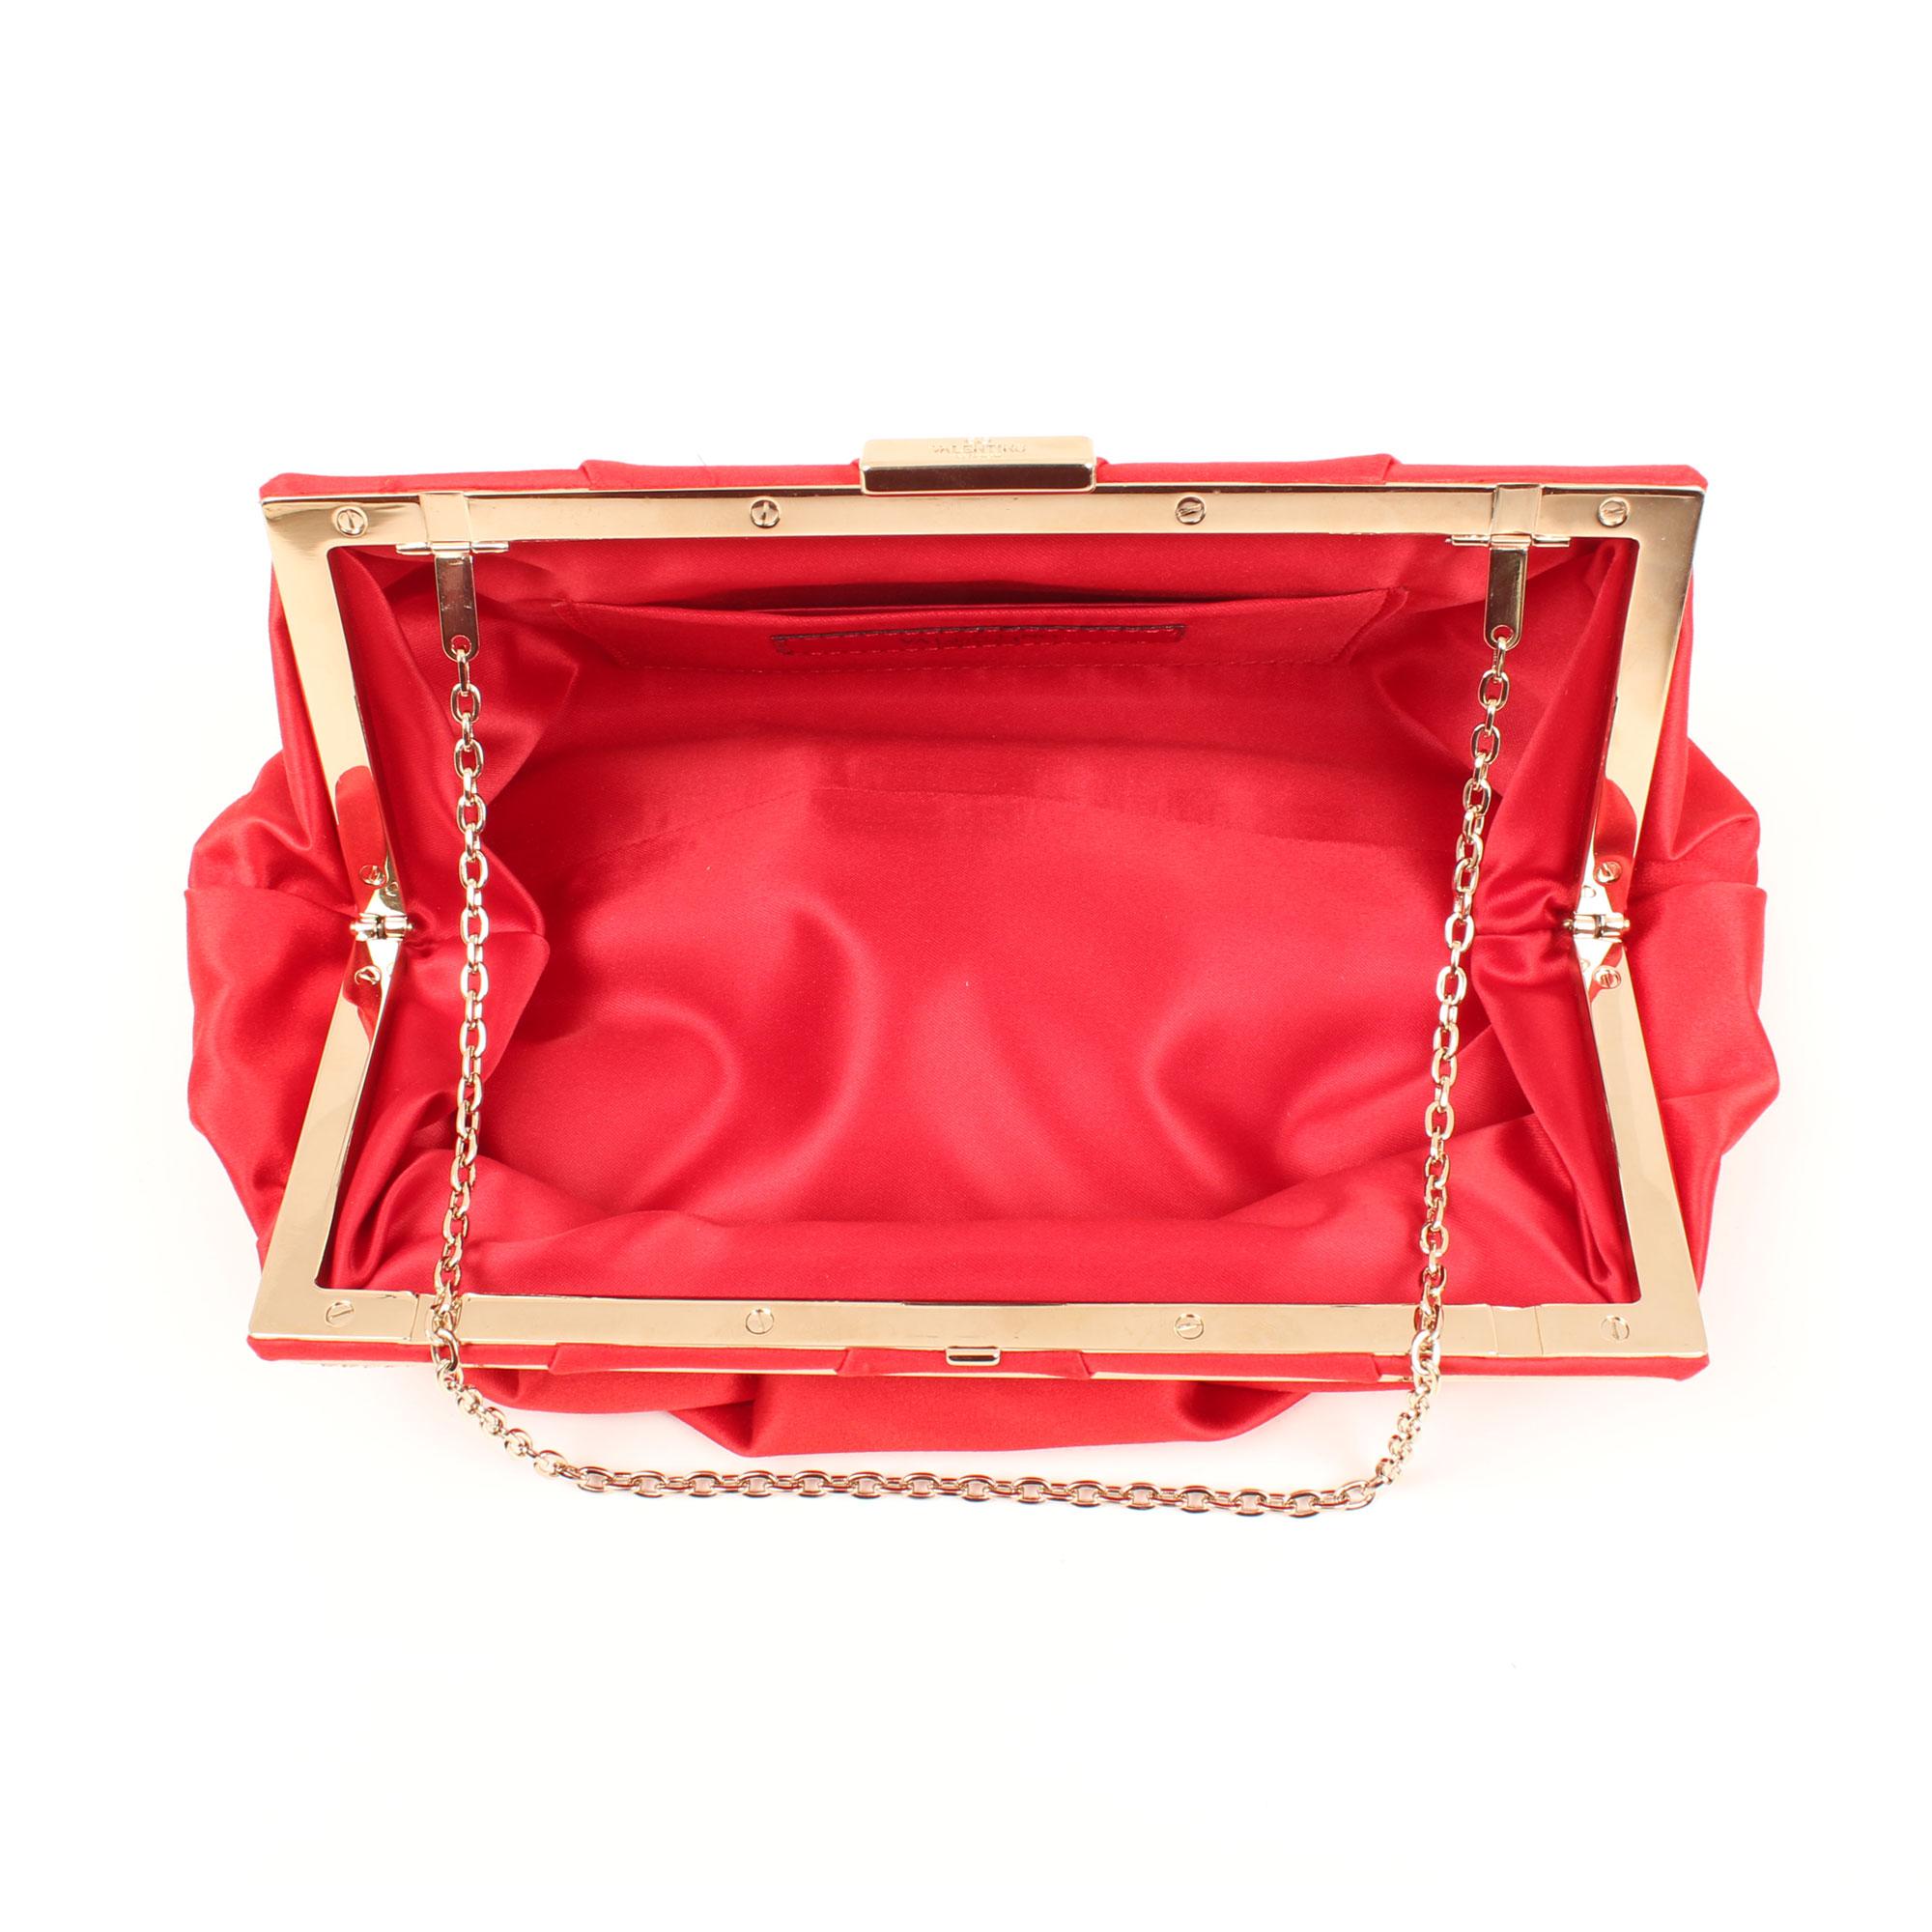 bolso-clutch-valentino-rojo-saten-interior